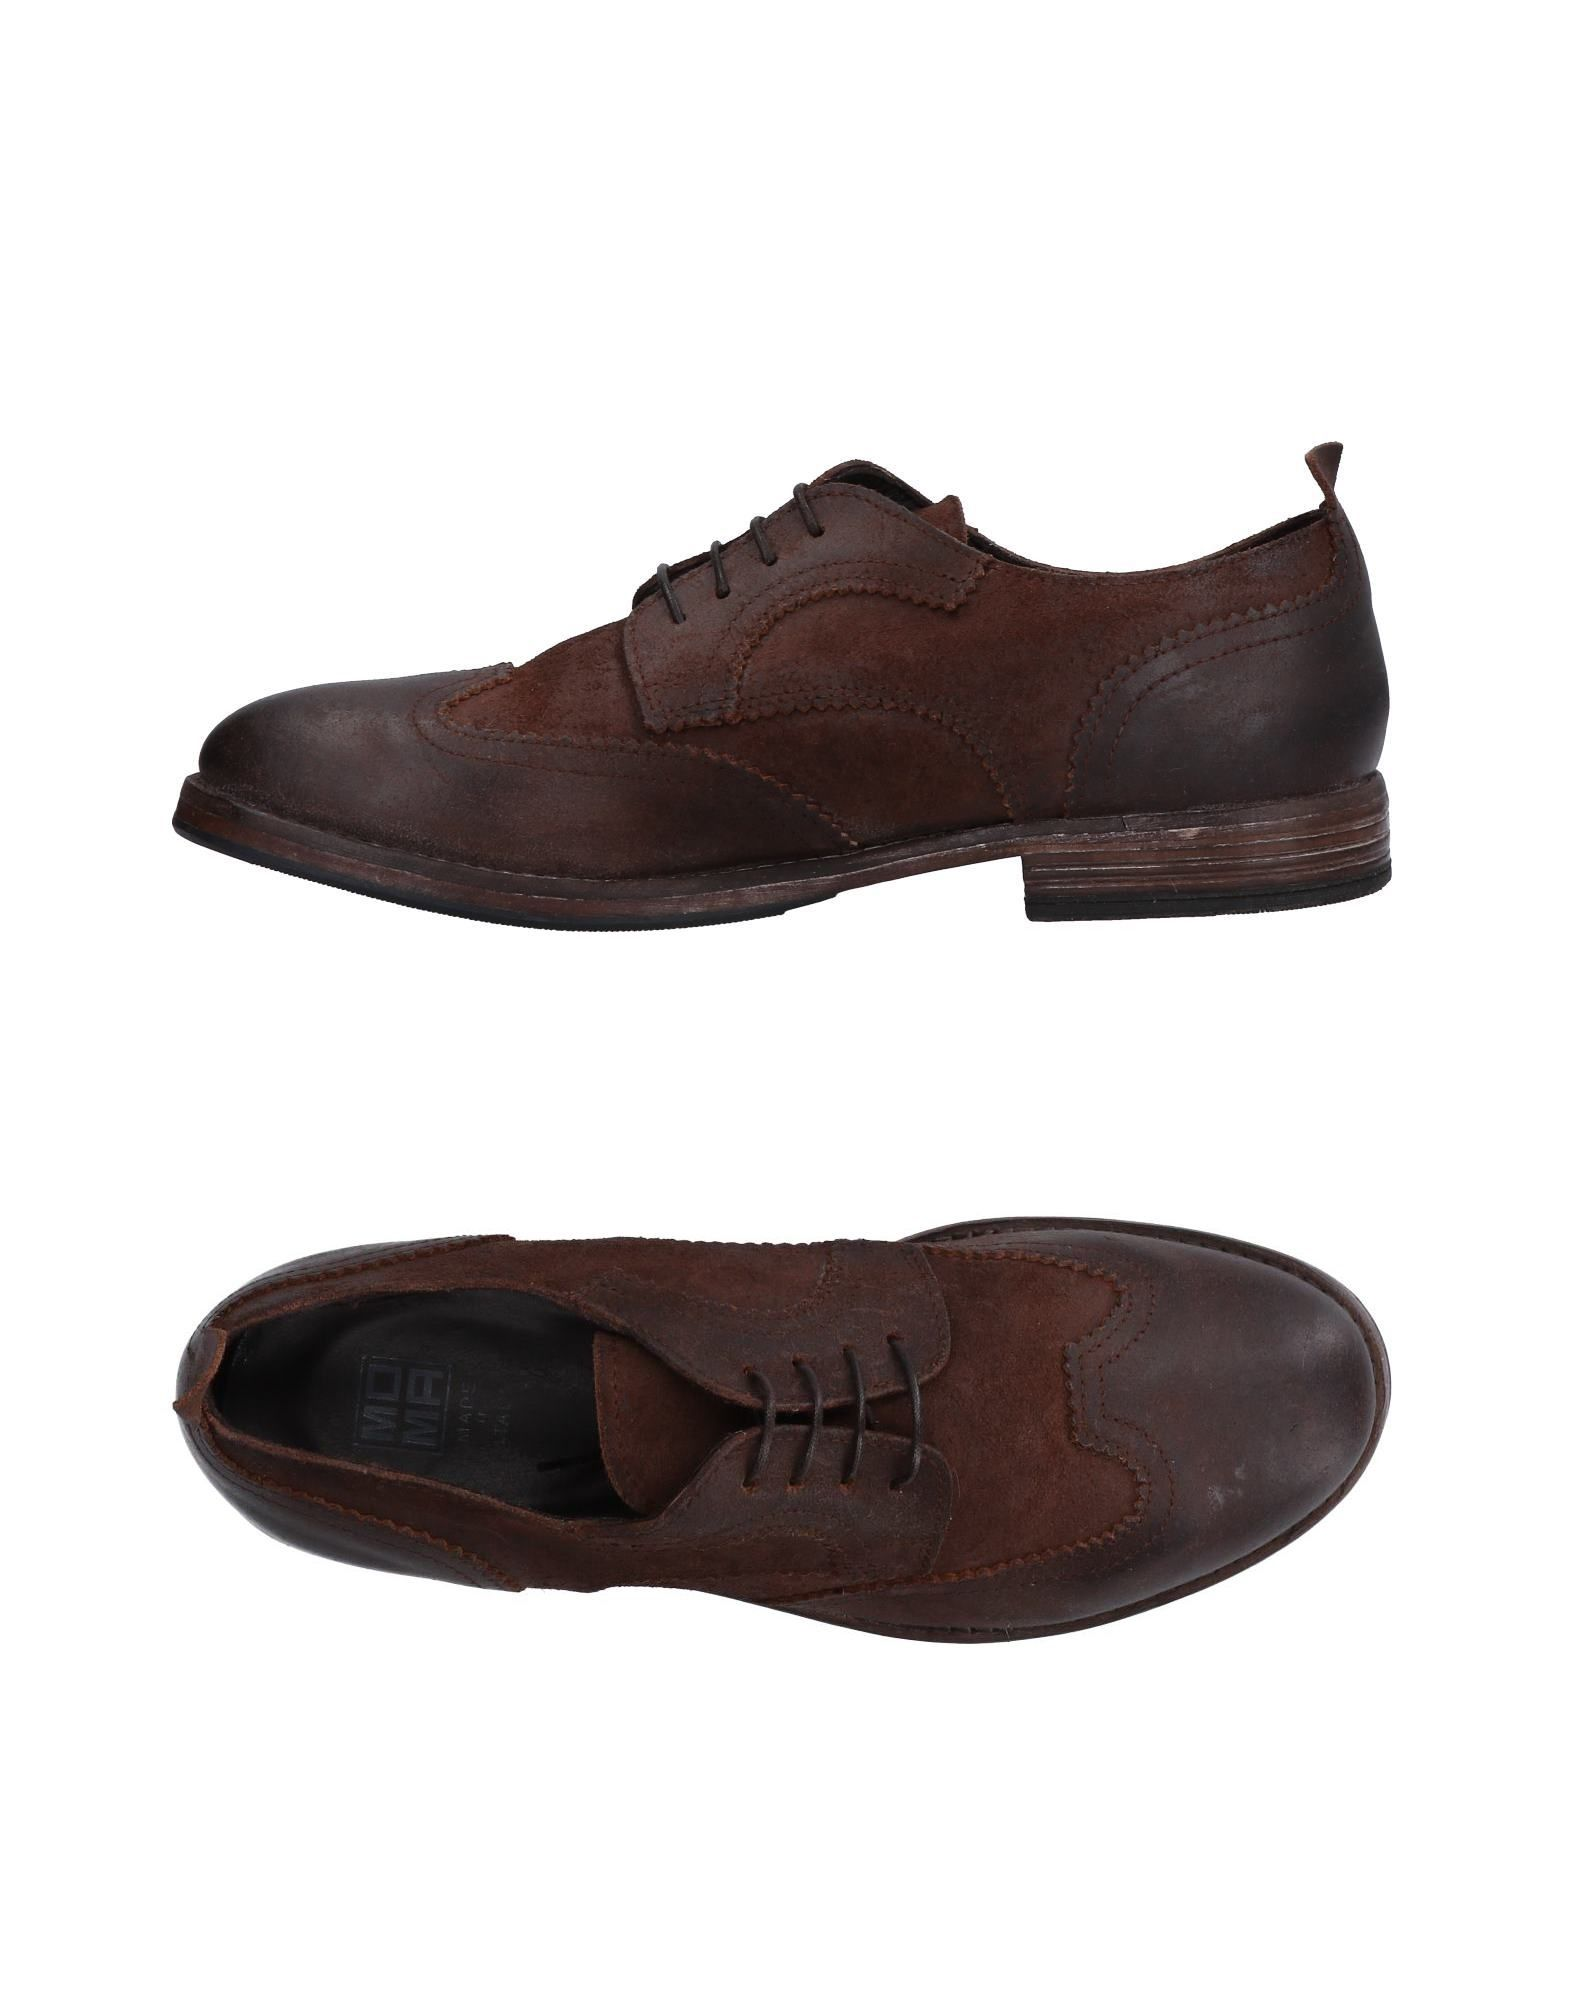 Moma Schnürschuhe Herren  11516598HL Gute Qualität beliebte Schuhe